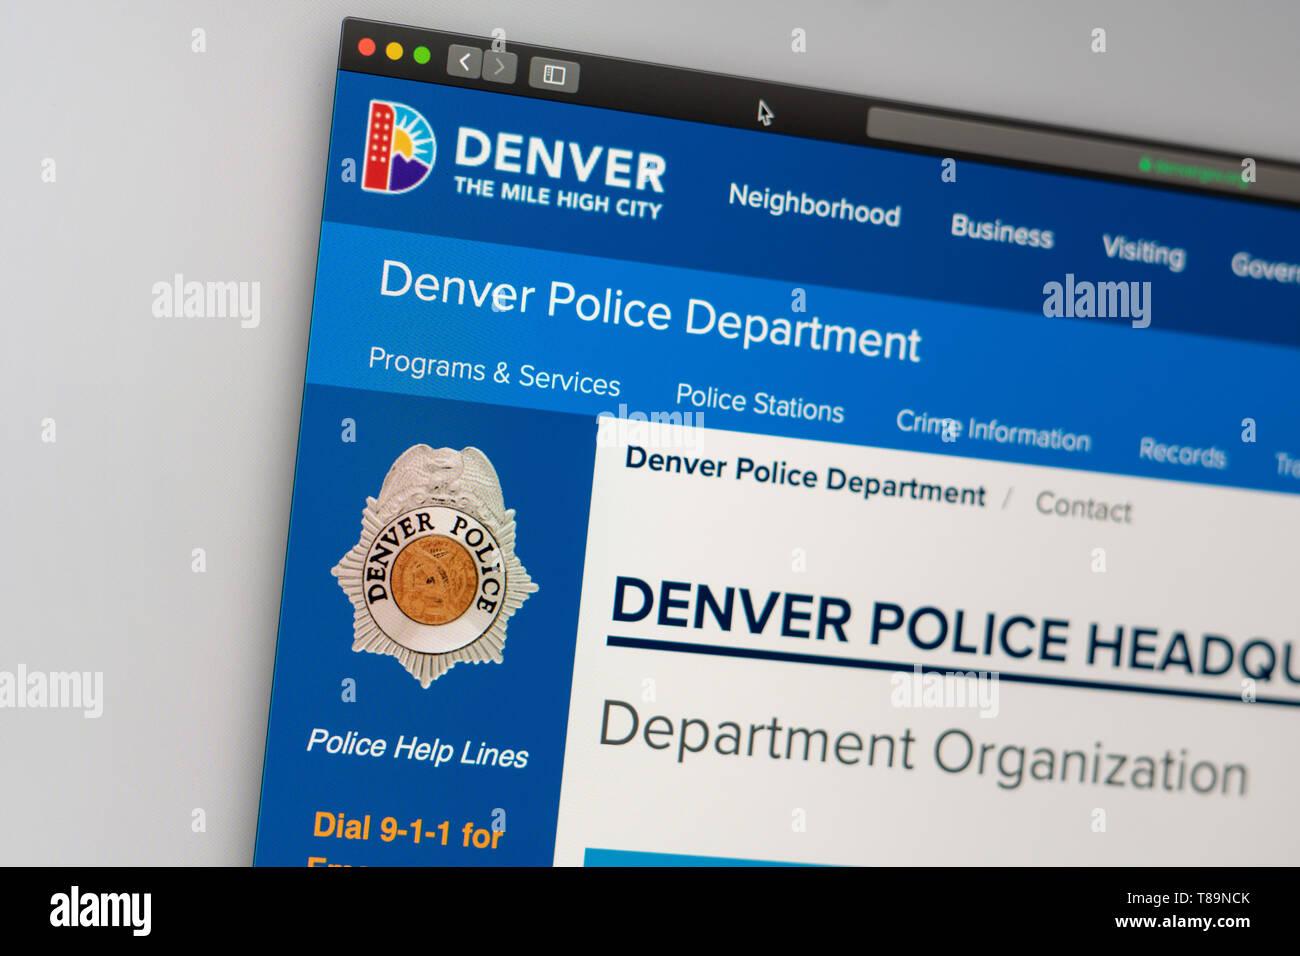 Miami / USA - 5.11.2019: Página web del Departamento de Policía de Denver. Cerca del Departamento de Policía logo. Puede ser utilizado como ejemplo para que los medios de comunicación Foto de stock